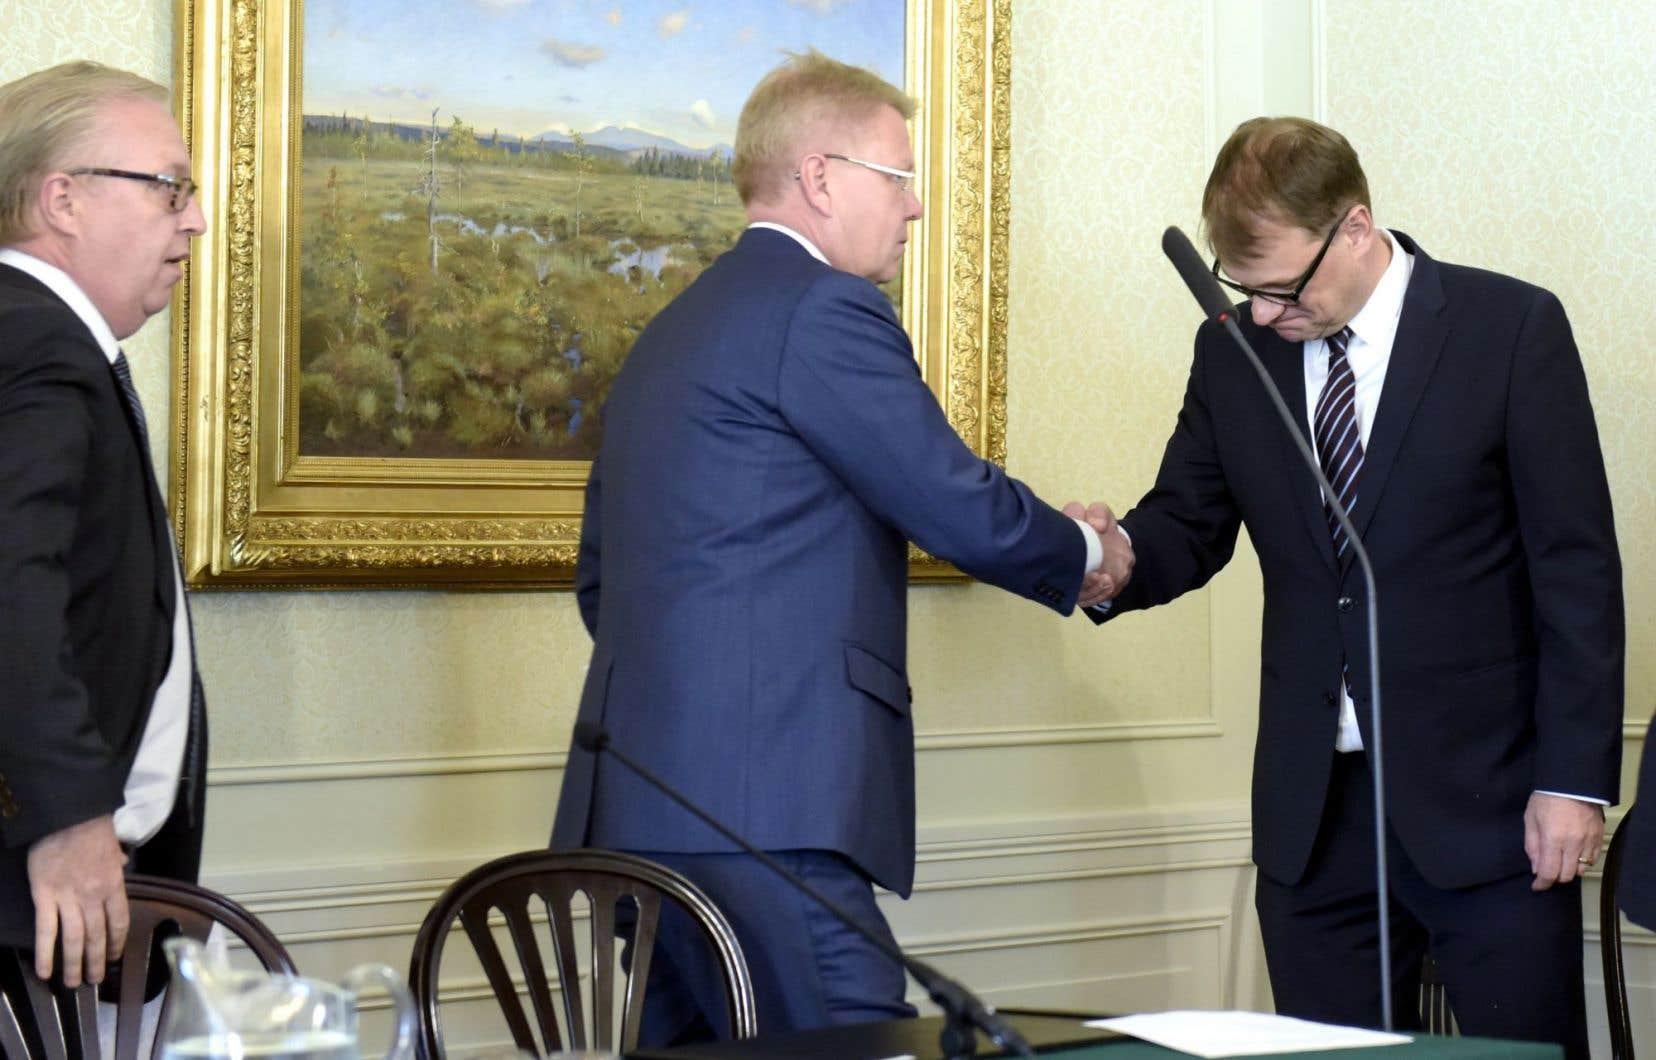 Le premier ministre finlandais, Juha Sipila (à droite), et le directeur général de la plus importante organisation d'affaires de la Finlande, Jyri Hakamies, se sont serré la main à l'issue de la signature du «Pacte de compétitivité», mardi.